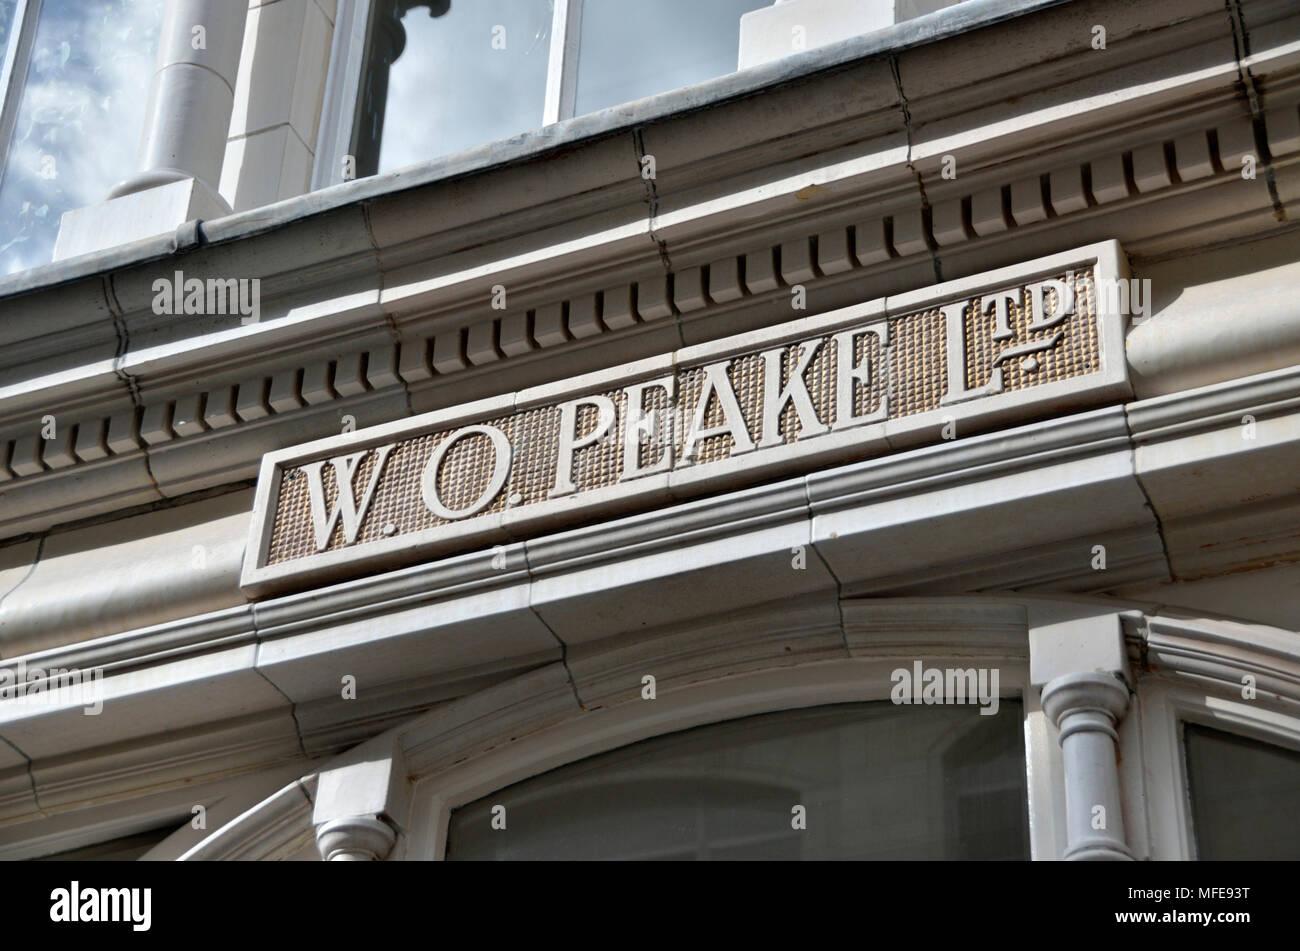 W O Peake Ltd pietra intagliata segno, Casa radiante, Mortimer Street, Fitzrovia, Londra, Regno Unito. Immagini Stock